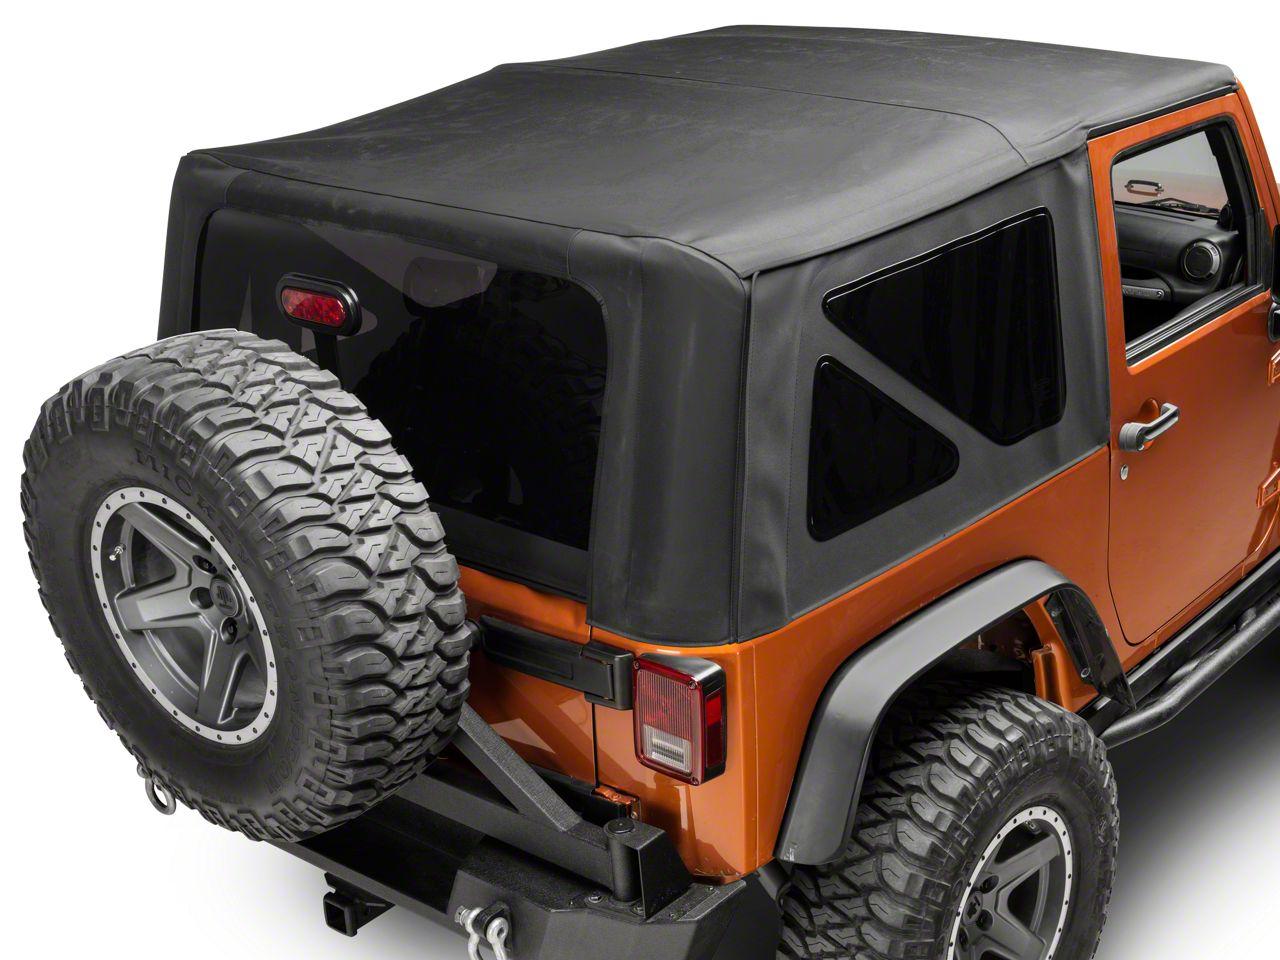 Smittybilt Premium Replacement Soft Top w/ Tinted Windows (07-18 Jeep Wrangler JK 2 Door)